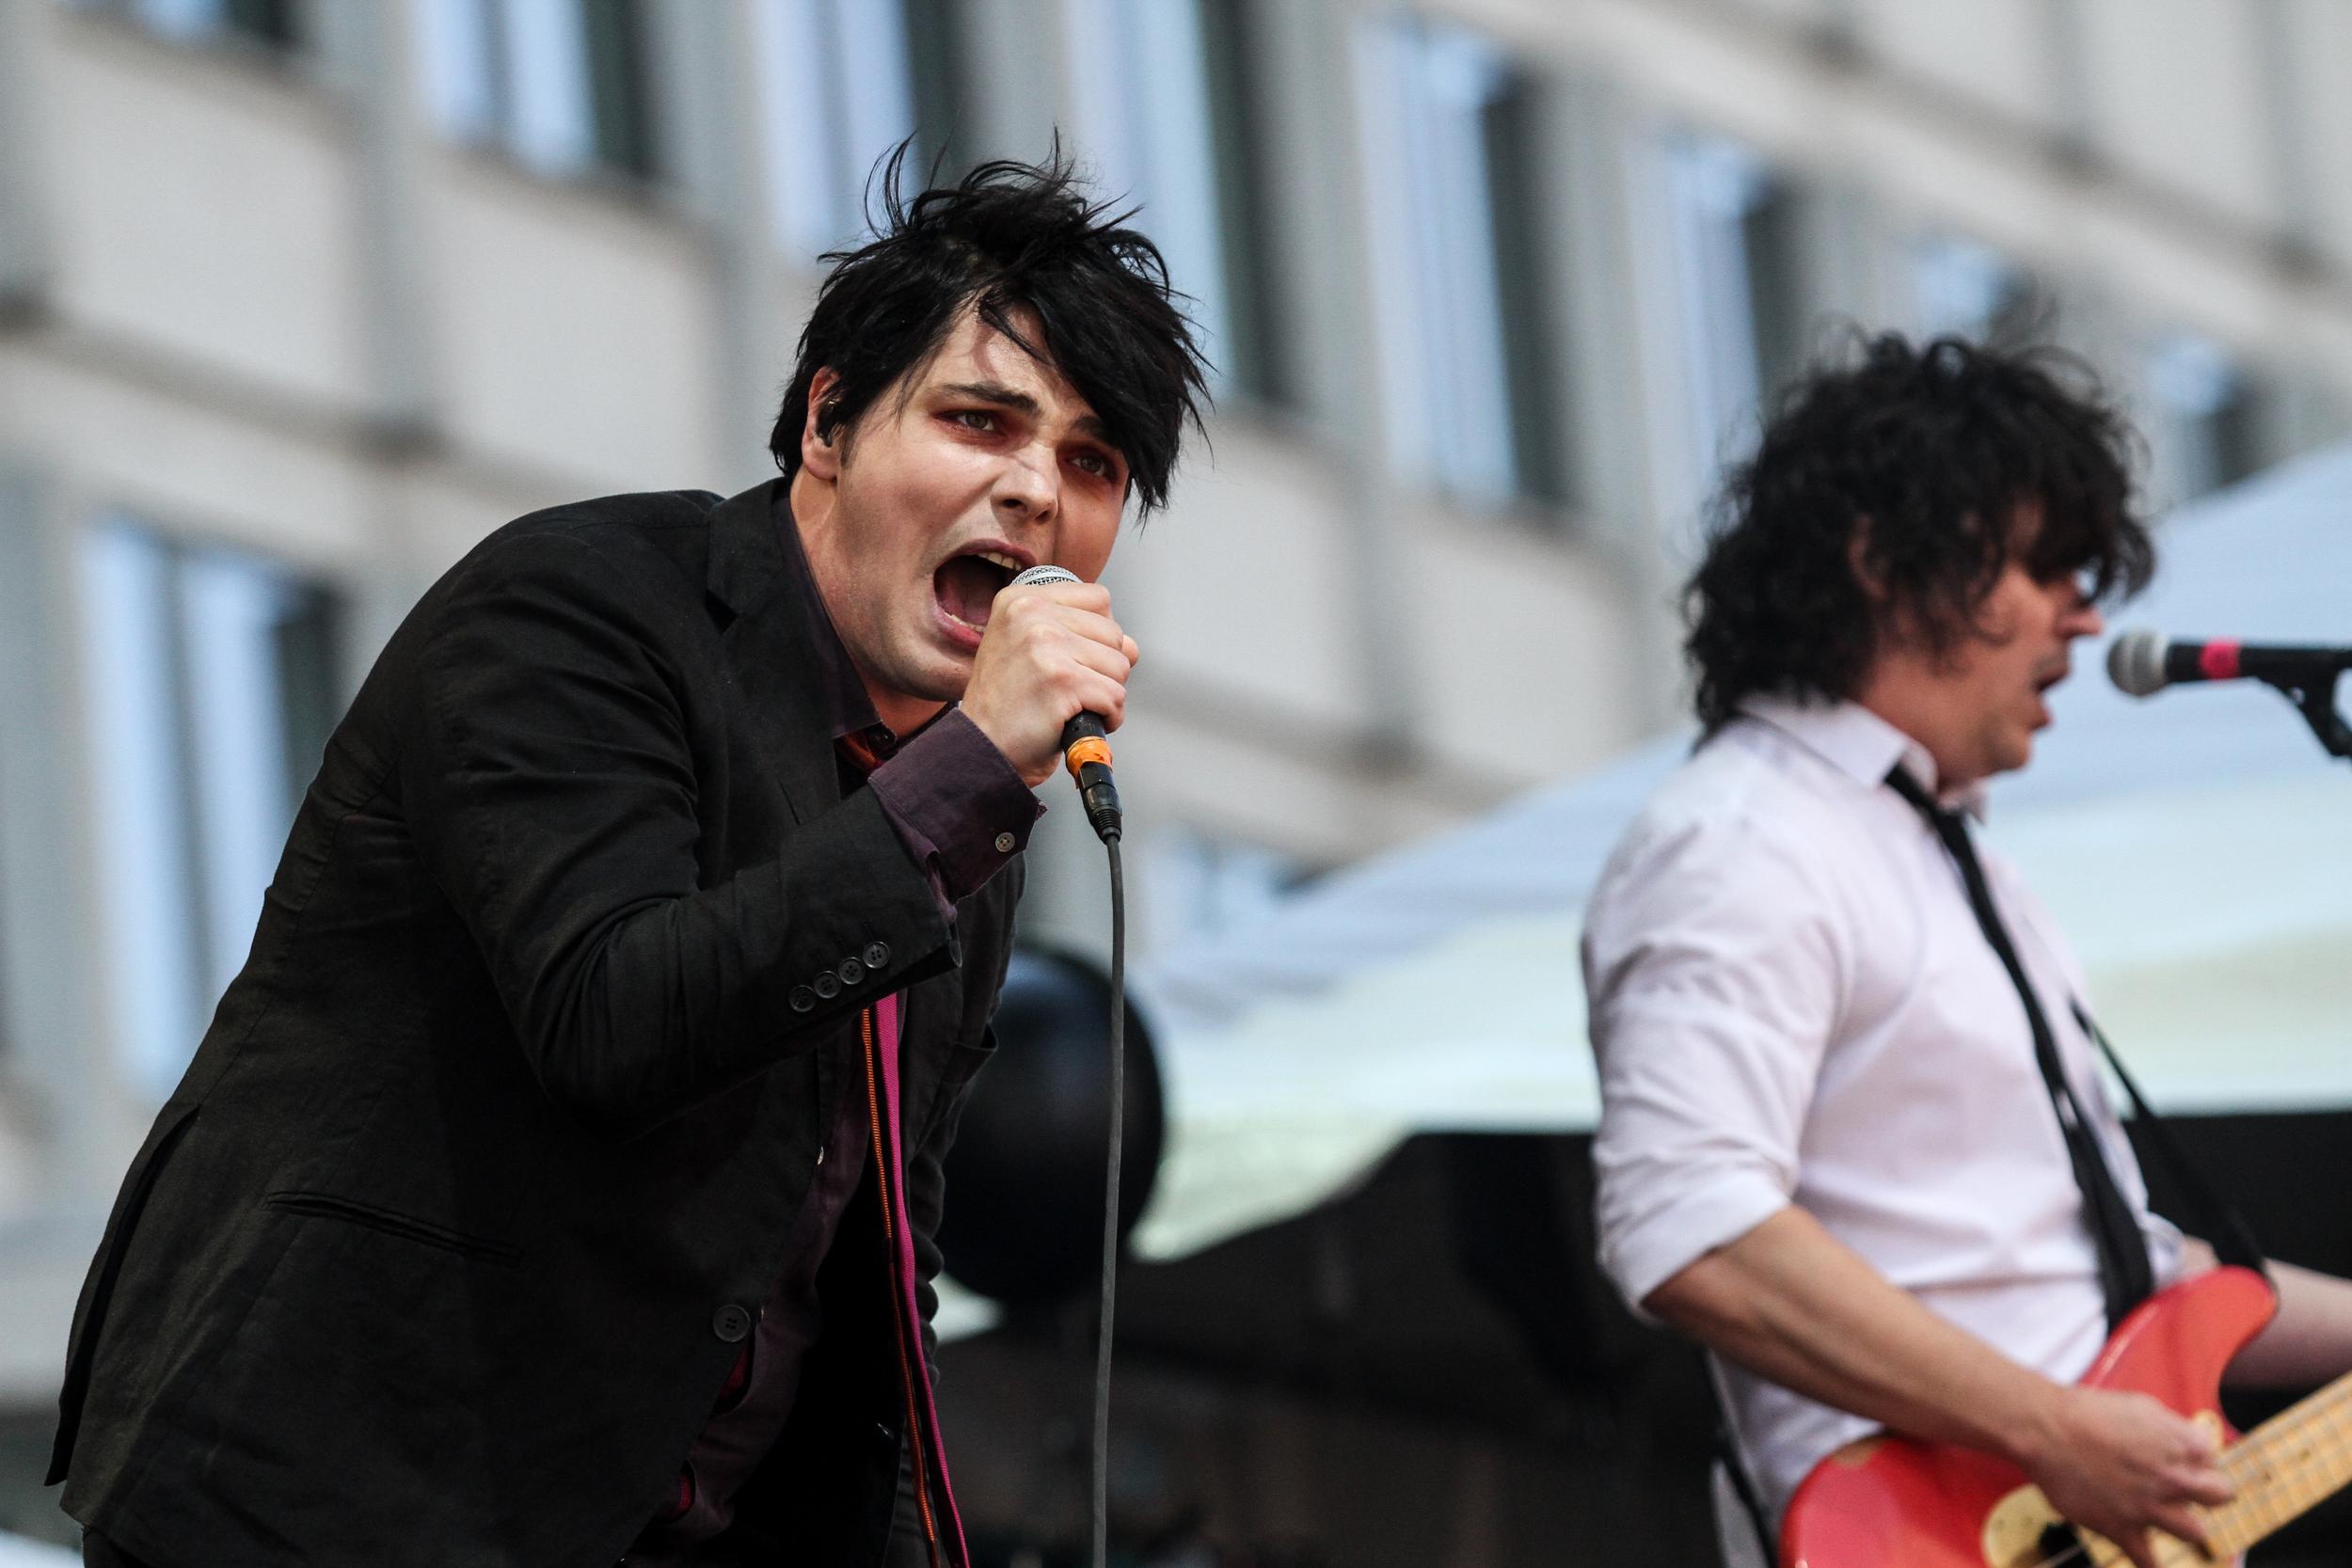 Gerard Way sings at Boston Callingon May 23, 2015 in City Hall Plaza.